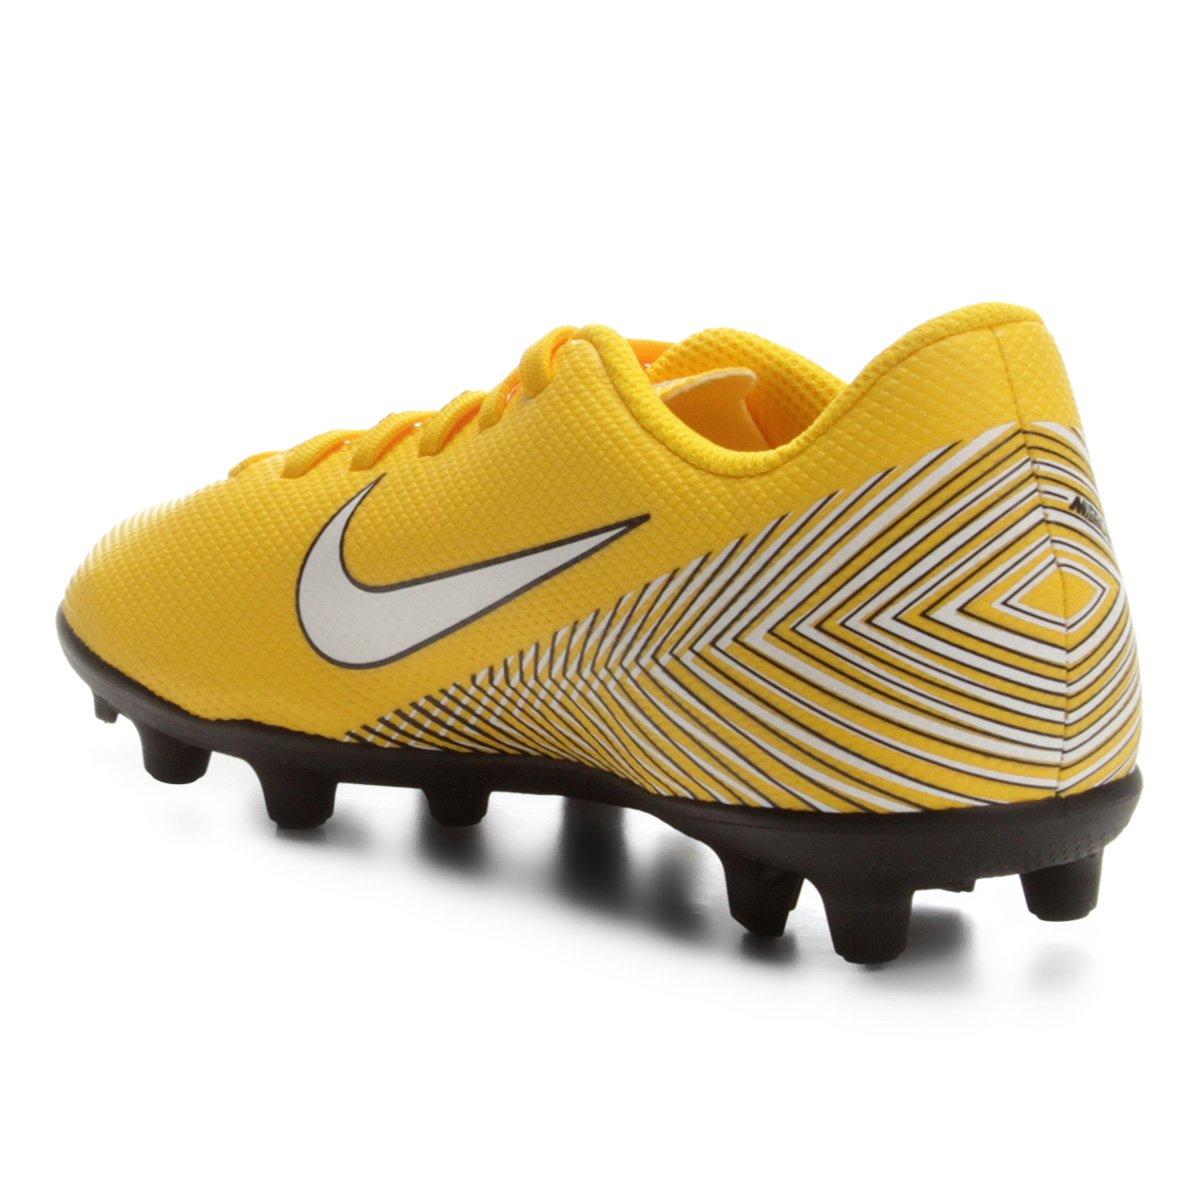 69fef88023282 ... Foto 2 - Chuteira Campo Infantil Nike Mercurial Vapor 12 Club GS Neymar  FG